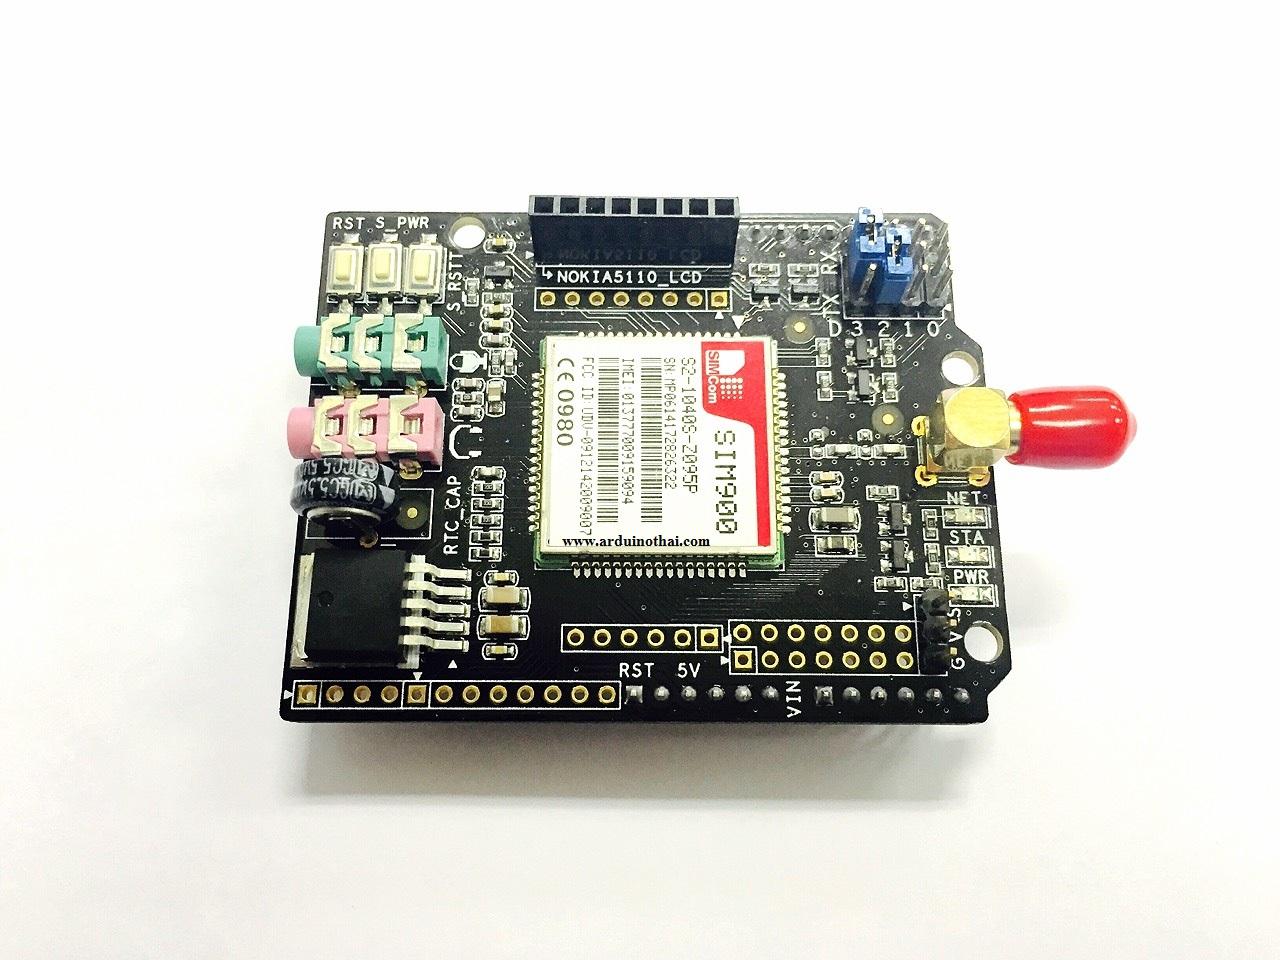 SIM900 GSM/GPRS Shield